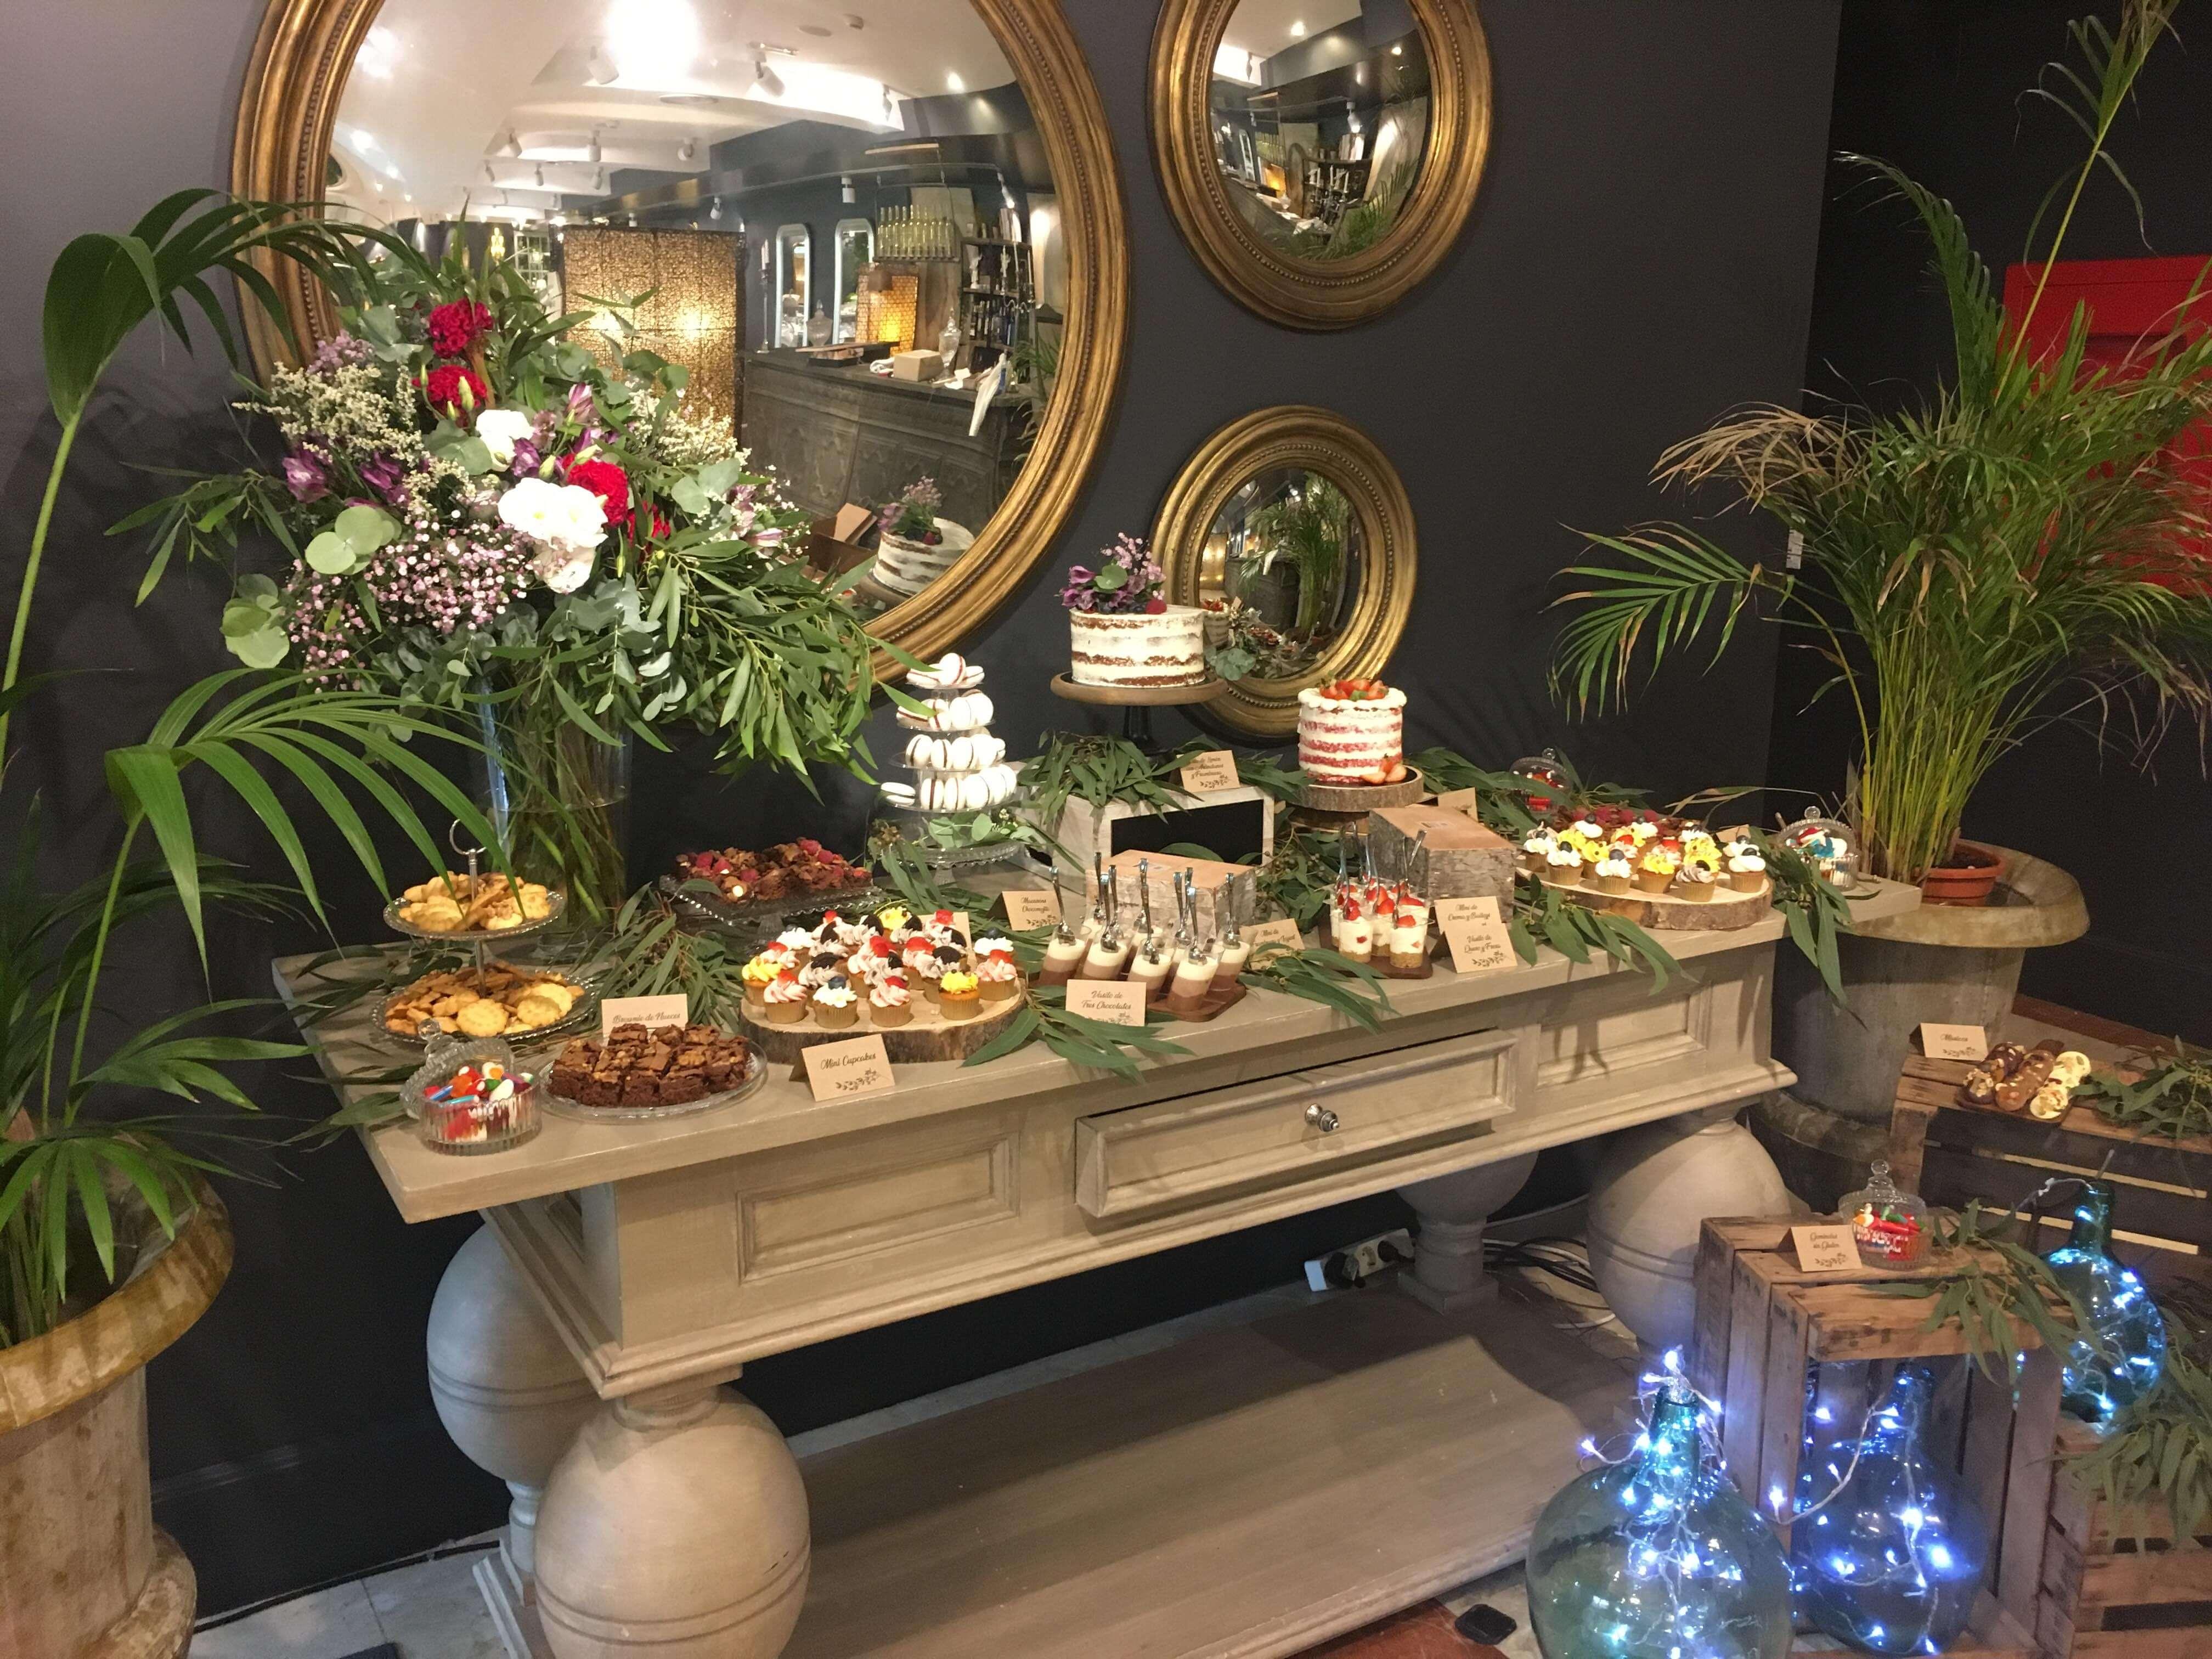 mesa dulce coruña boda comunión bautizo eventos boda mesa dulce